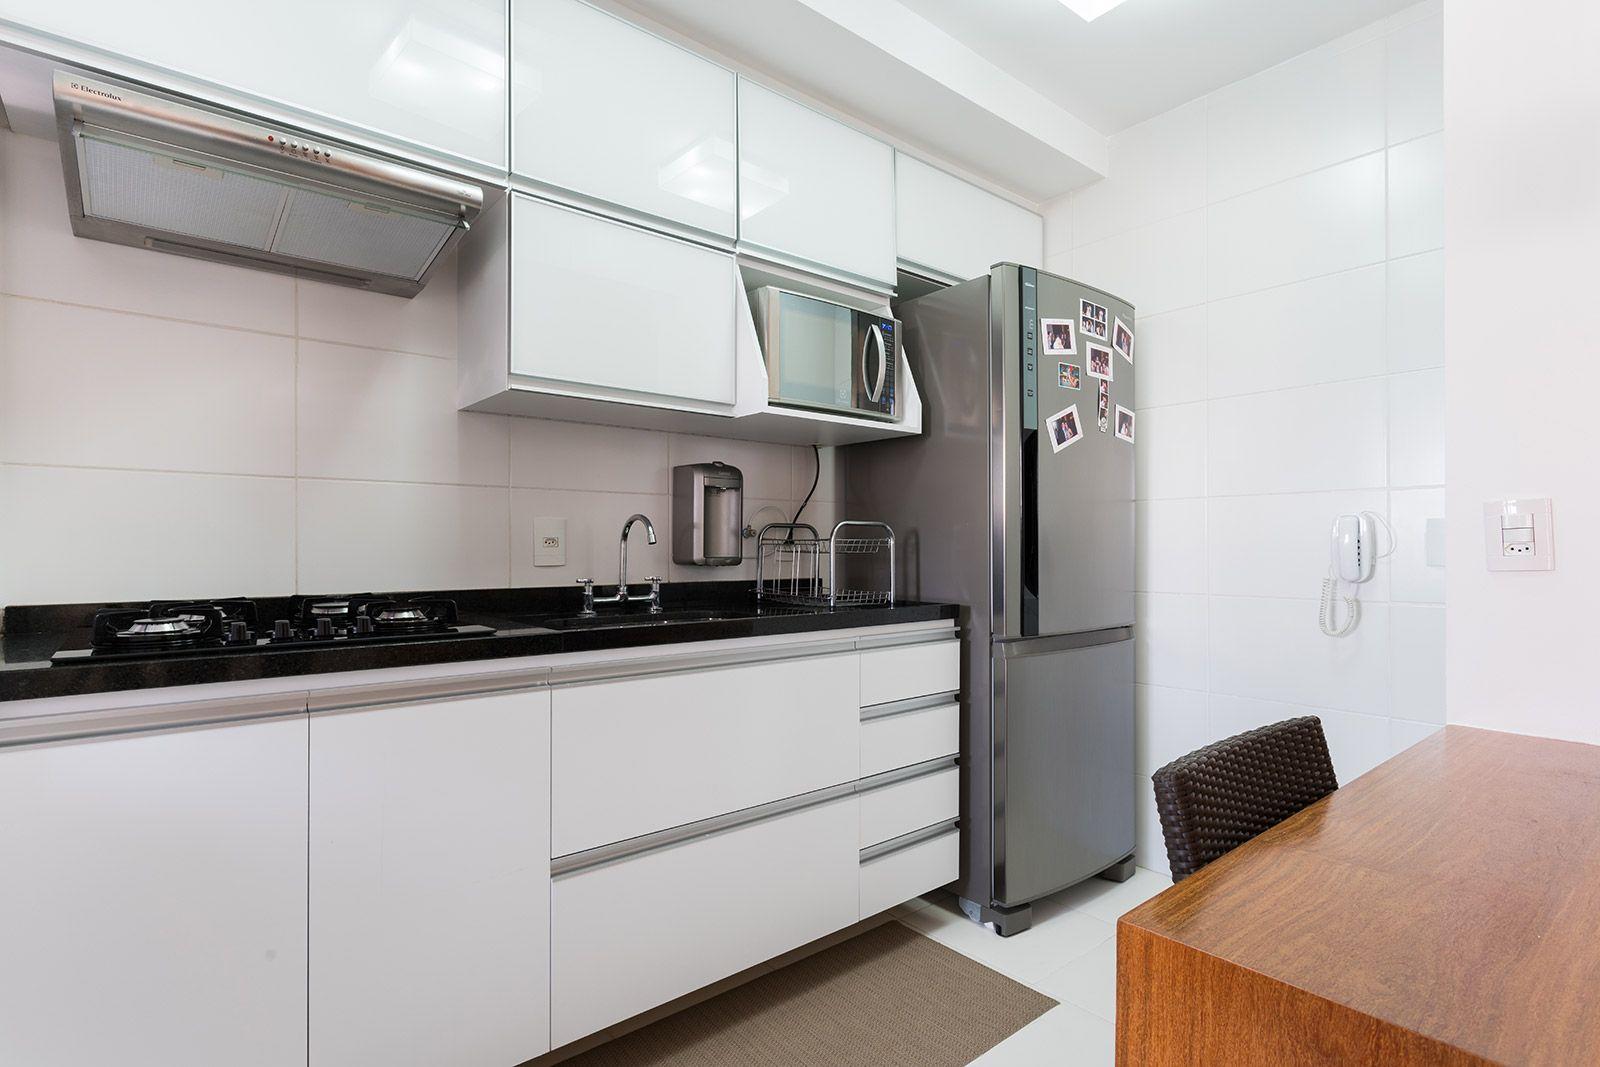 Cozinha Em Formica Branca Texturizada Com Puxador Tipo Cava De